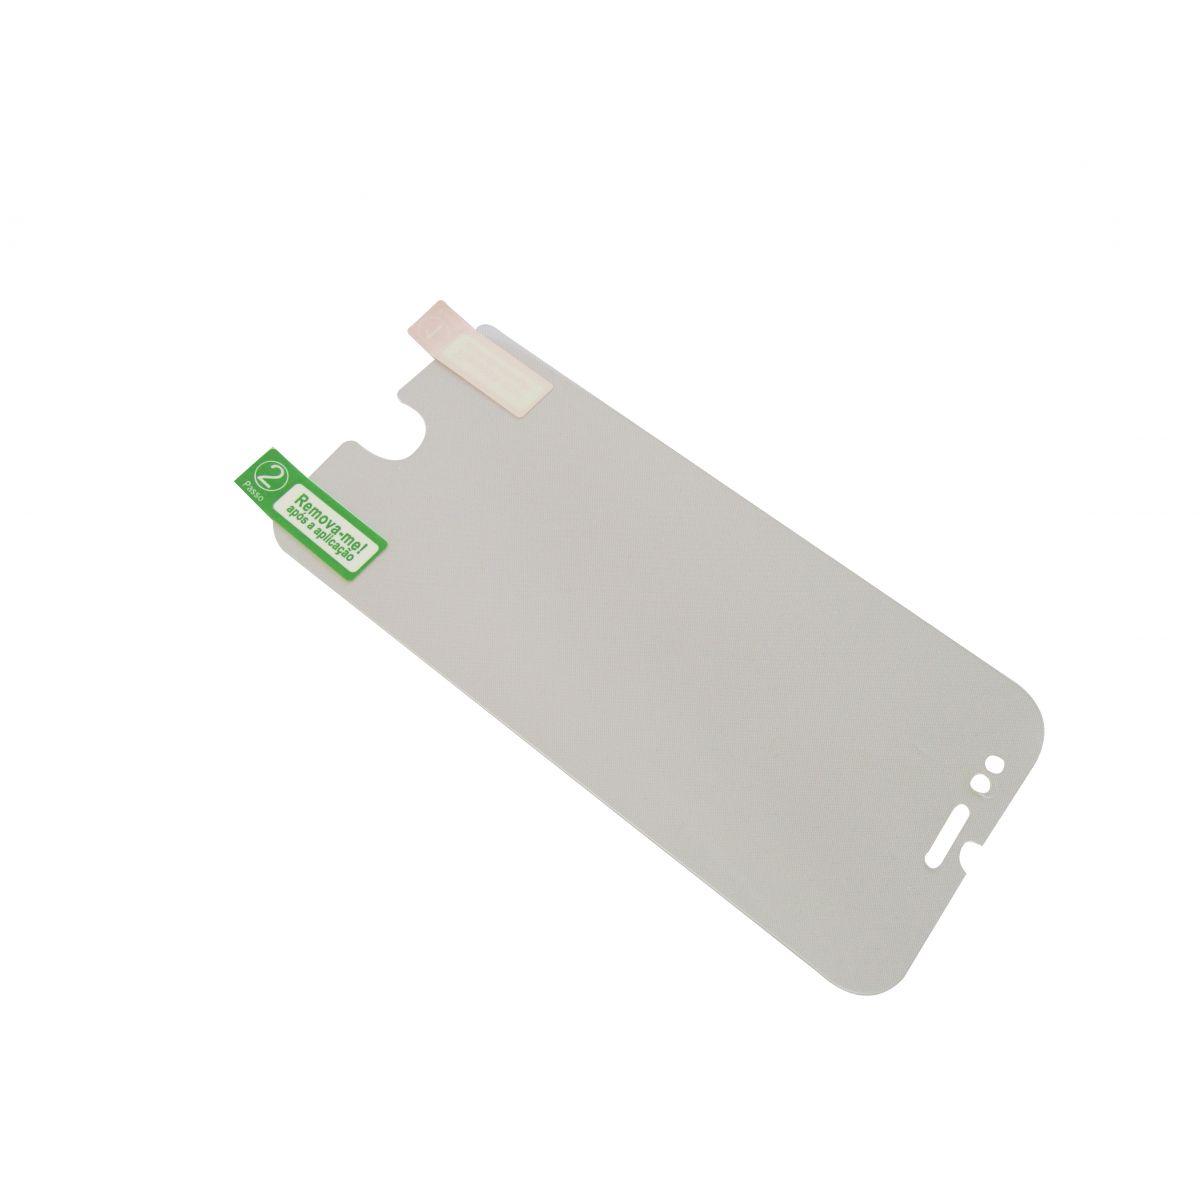 Película Protetora para Iphone 6 - Fosca